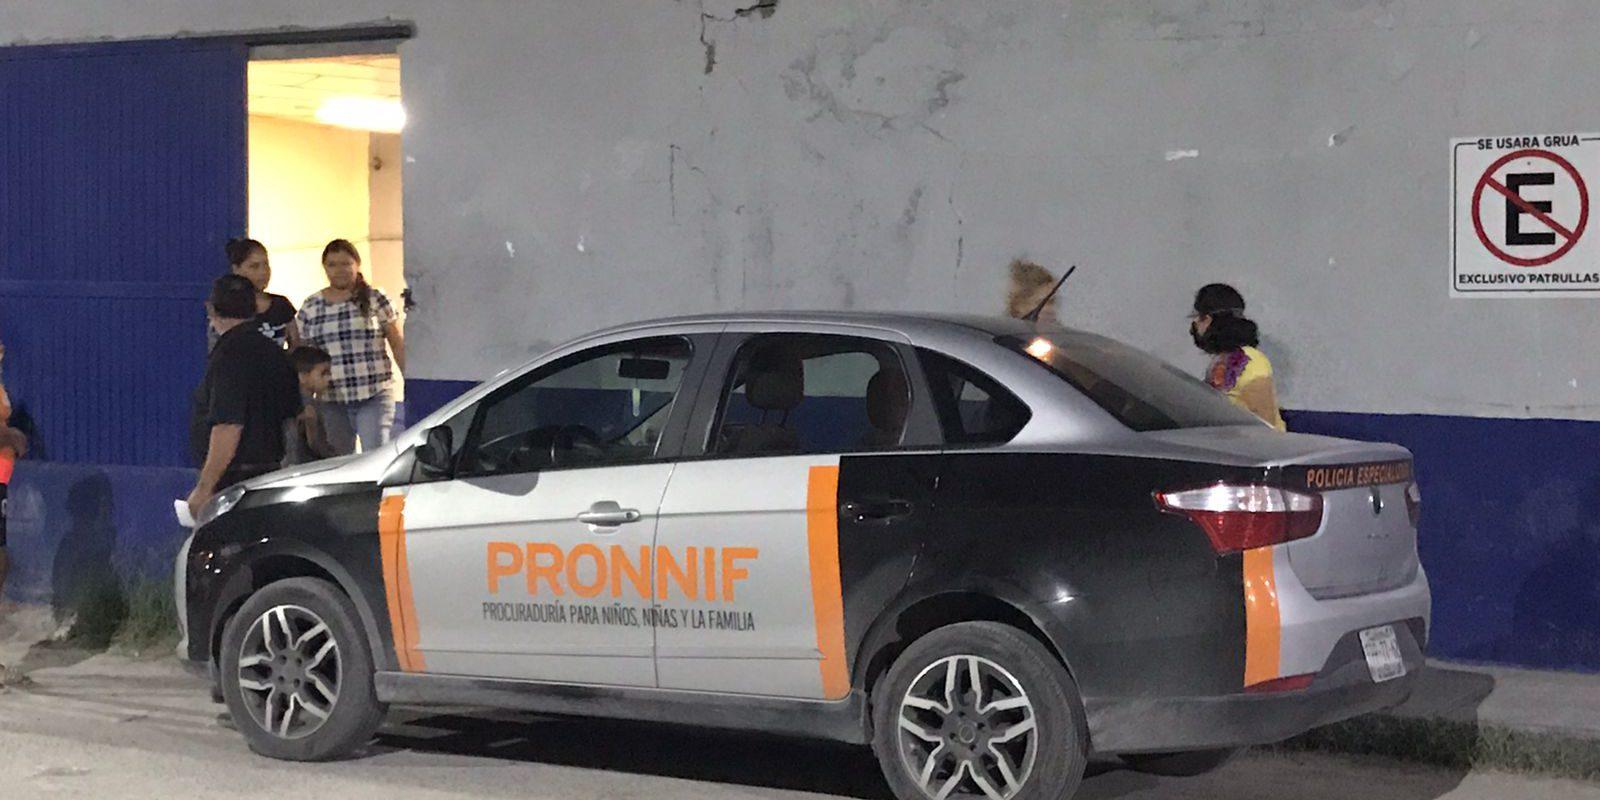 Policiaca: Localizan a menor extraviado en la madrugada en Monclova; lo ponen a resguardo de la PRONNIF